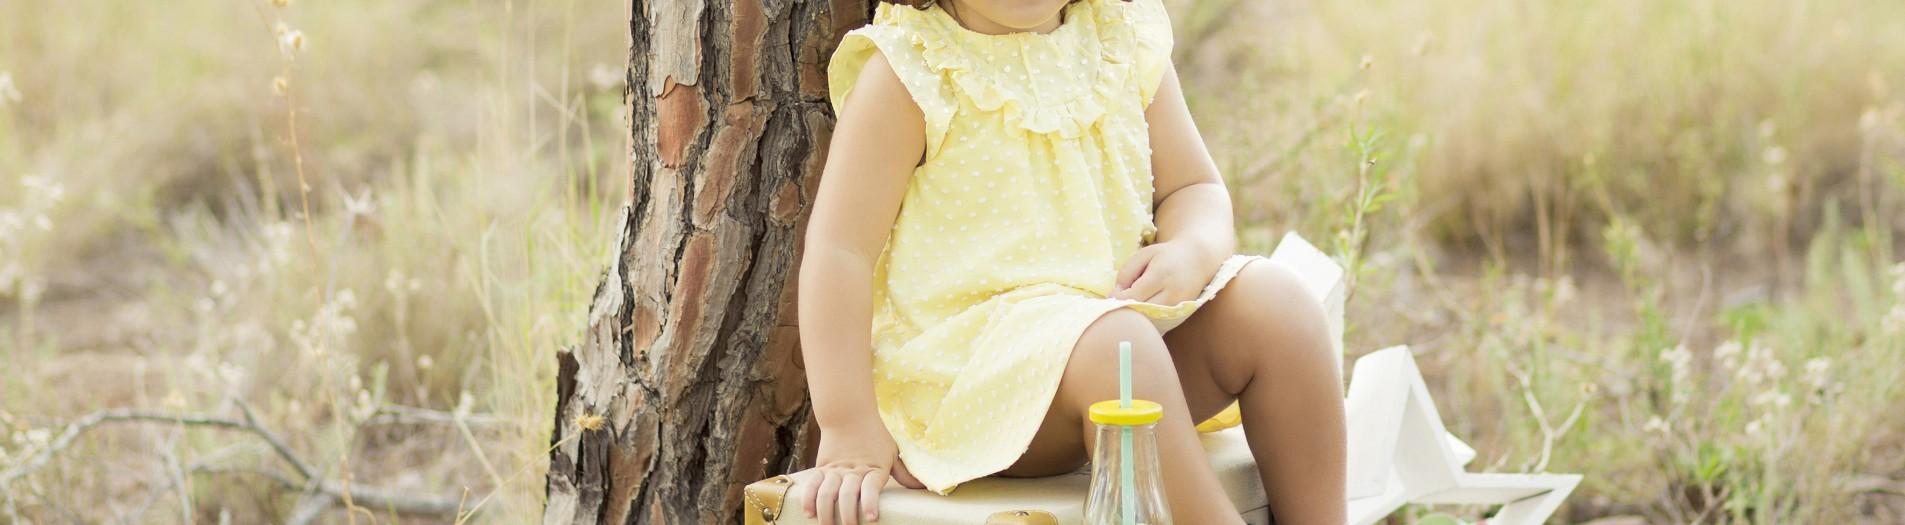 Fotos de exteriores para niños + Lemonade session + Vega.